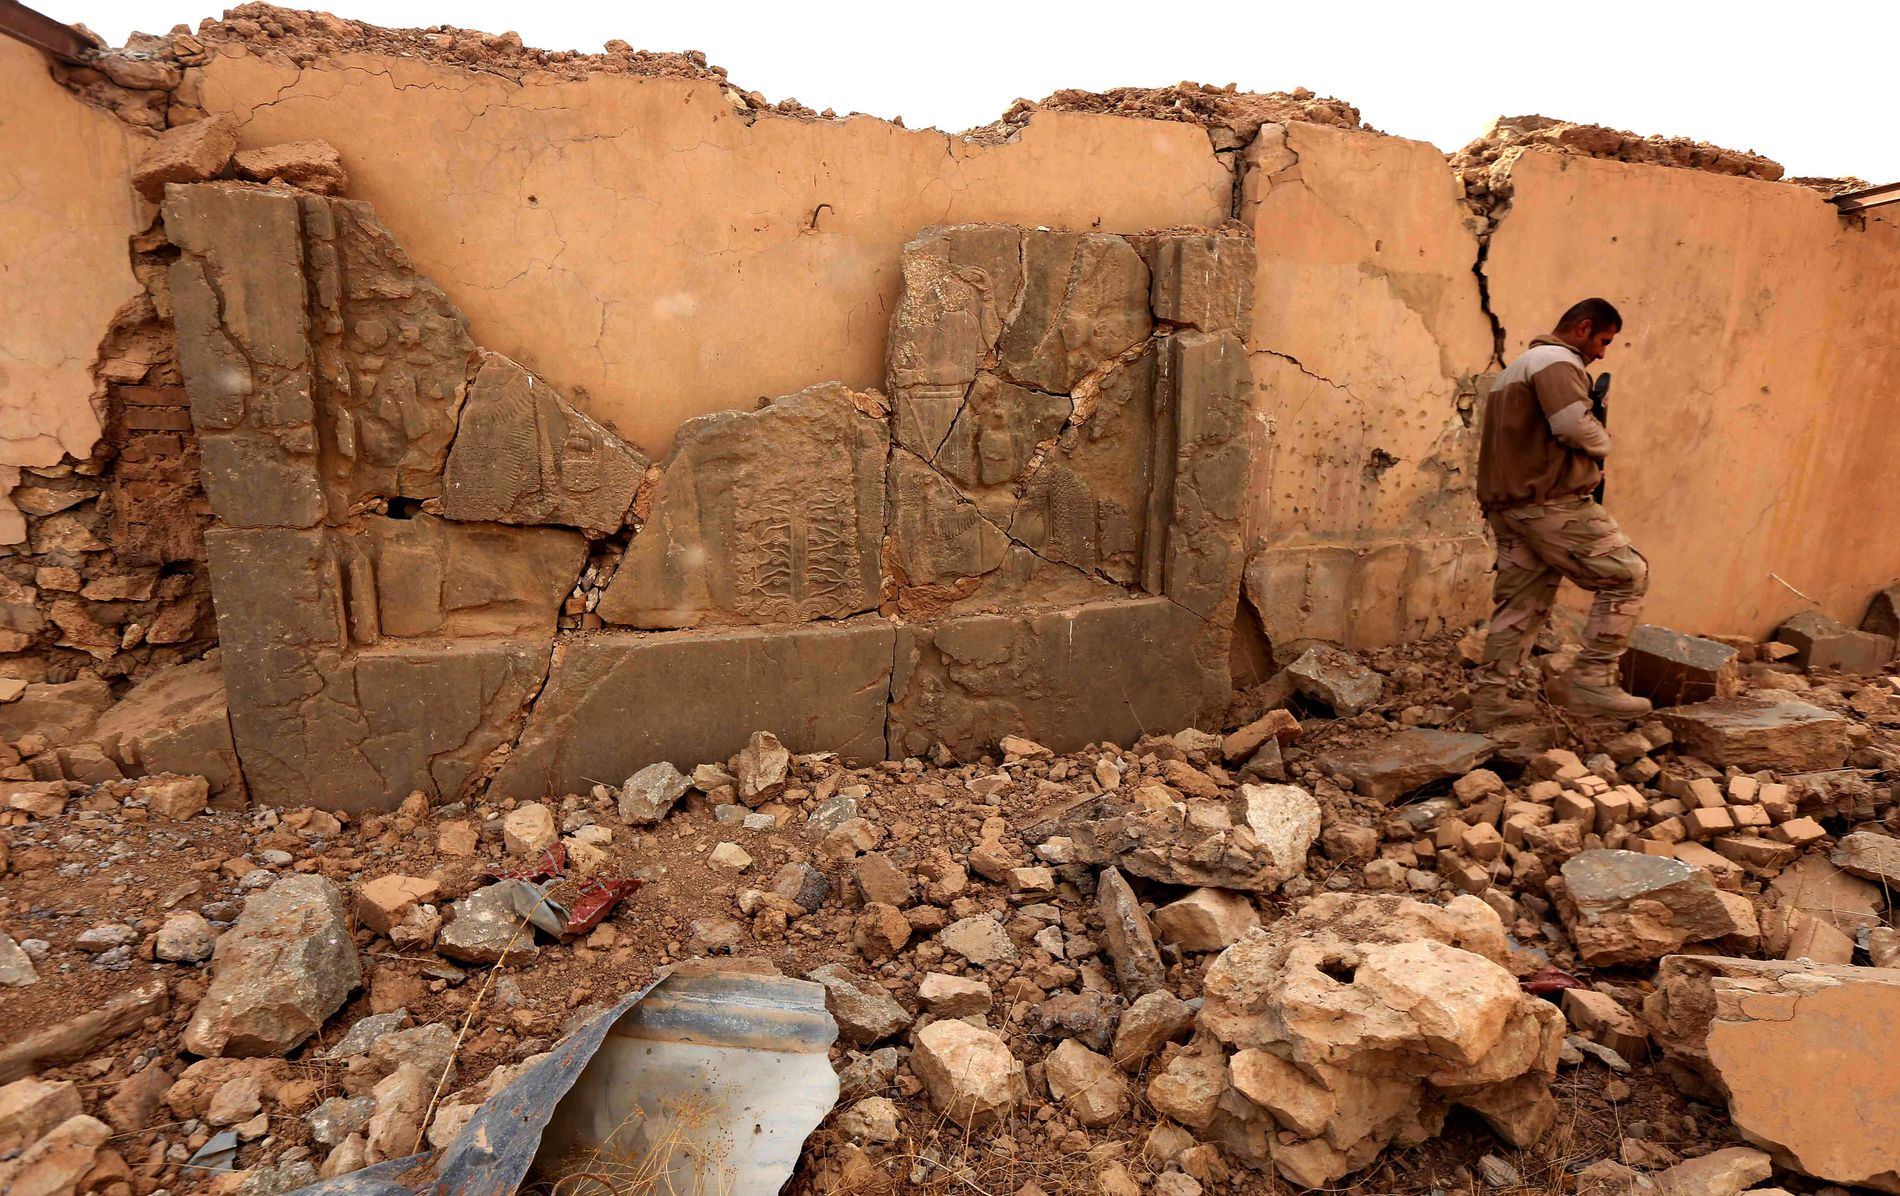 ØDELAGTE FORTIDSMINNER: En irakisk soldat går gjennom ruinene av et palass i Nimrud, som IS har ødelagt. Dette var ett av verdens viktigste arkeologiske funn.